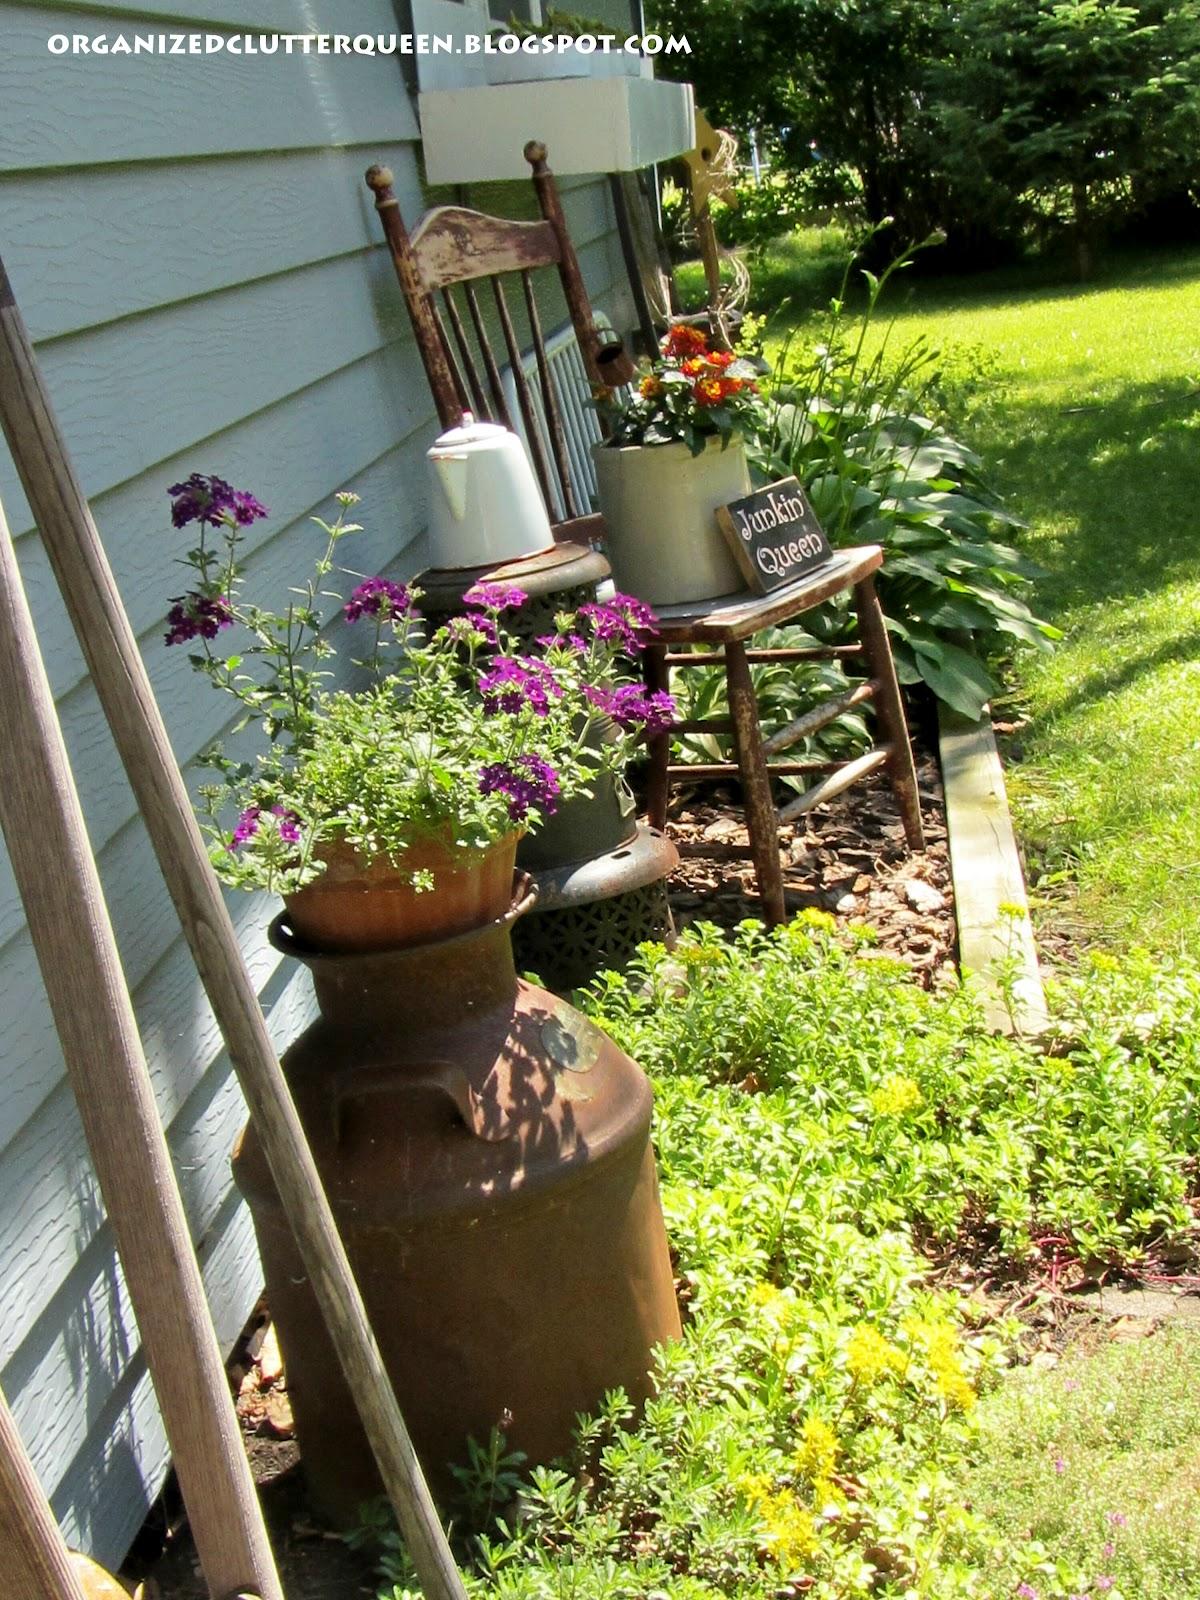 Organized Clutter My Top Flower Junk Garden Posts Of 2012